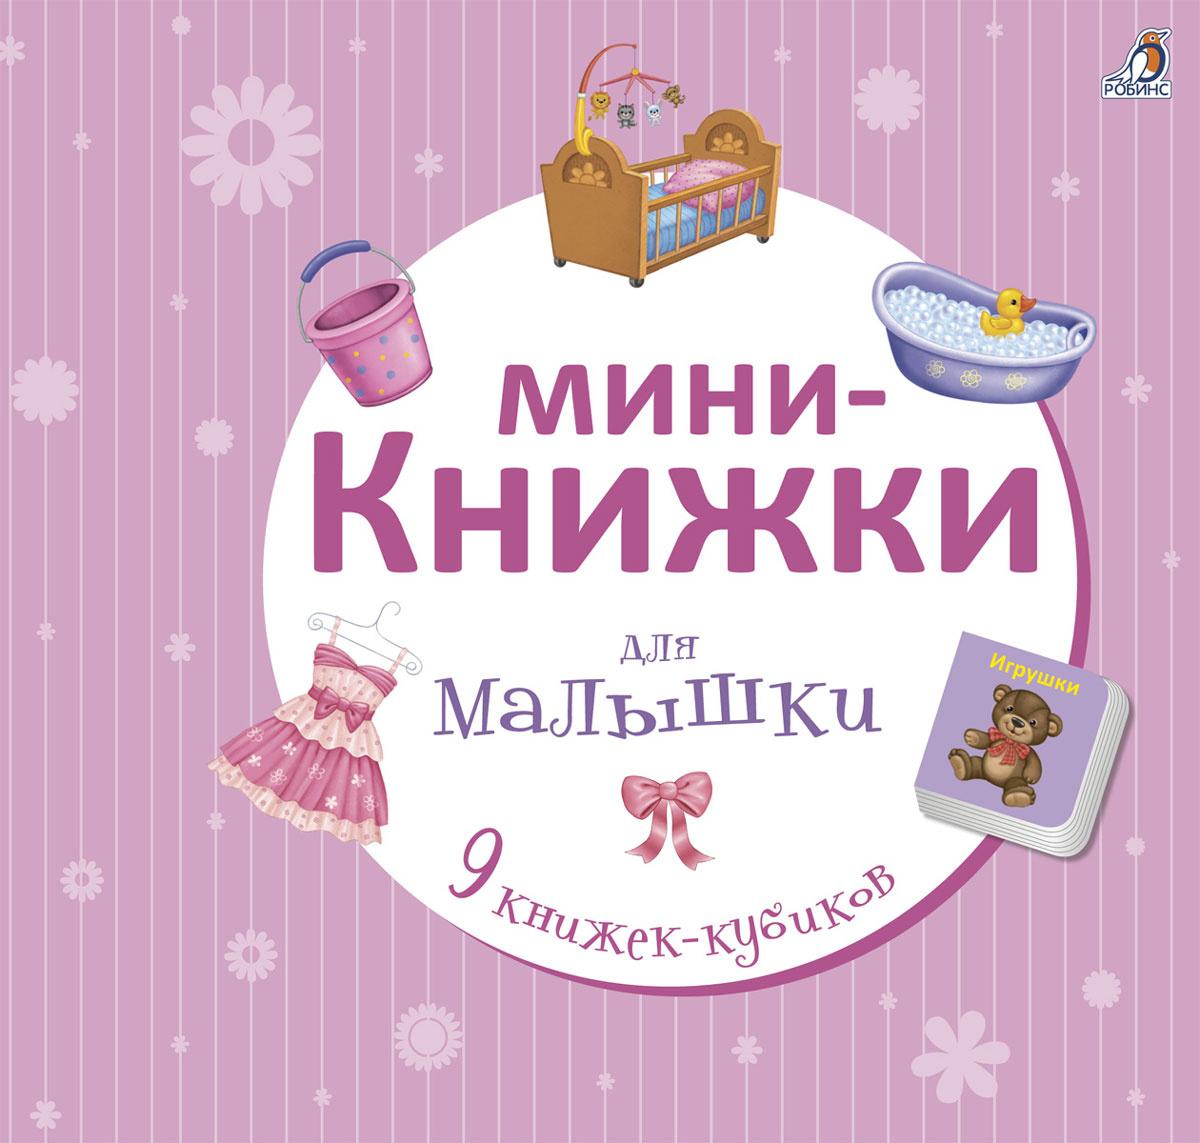 Мини-книжки для малышки (комплект из 9 книжек-кубиков) #1